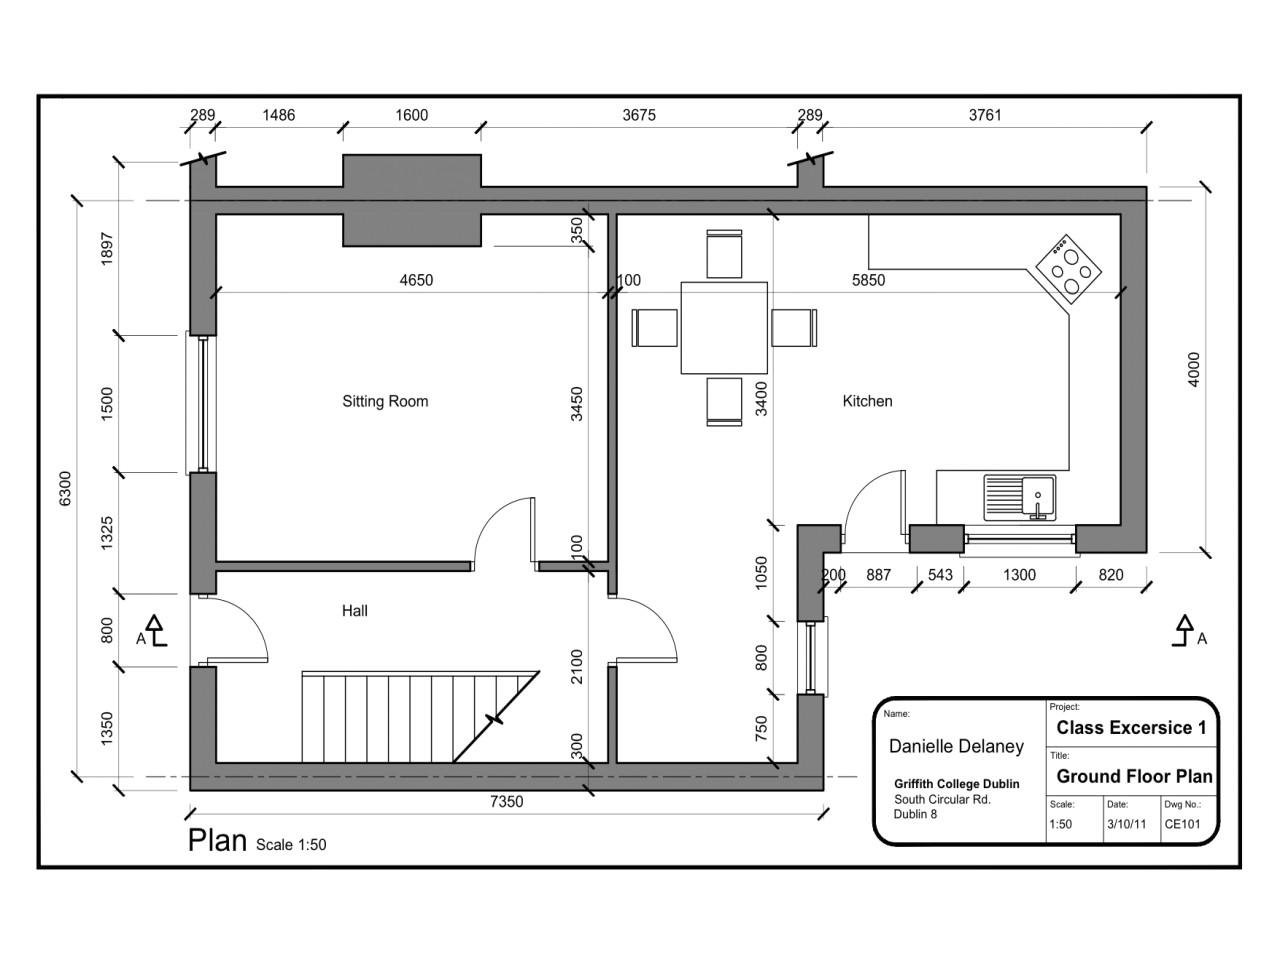 e41928d83e1e6832 simple 4 bedroom house plans simple house design plan layout